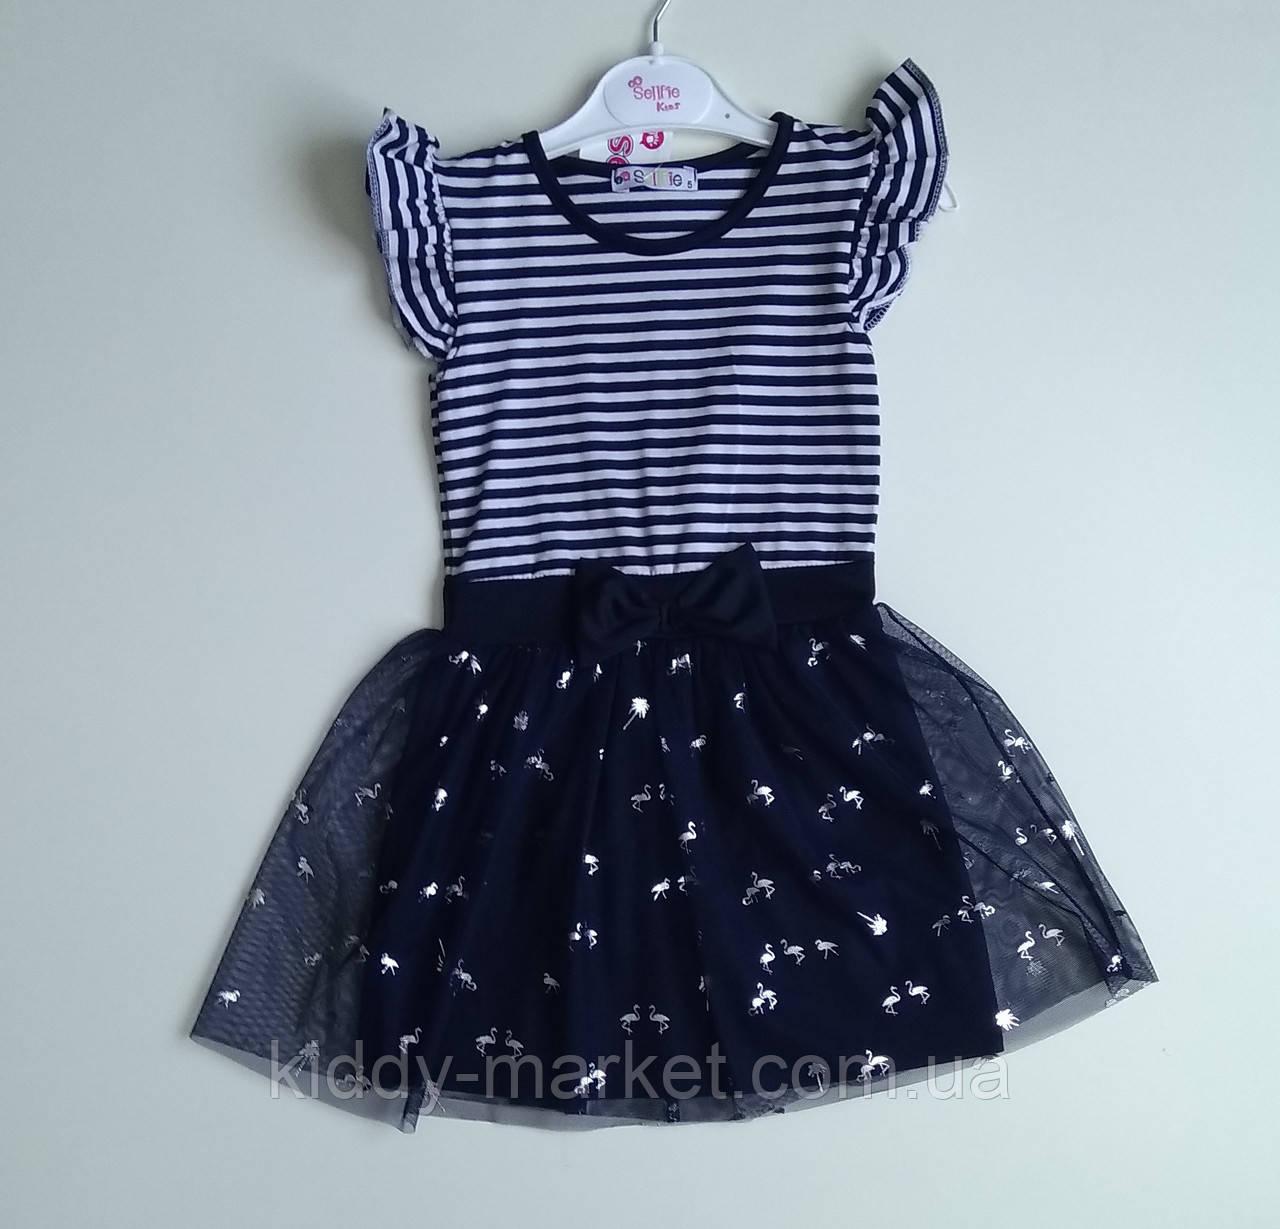 Платье  для девочки  , нежное платье